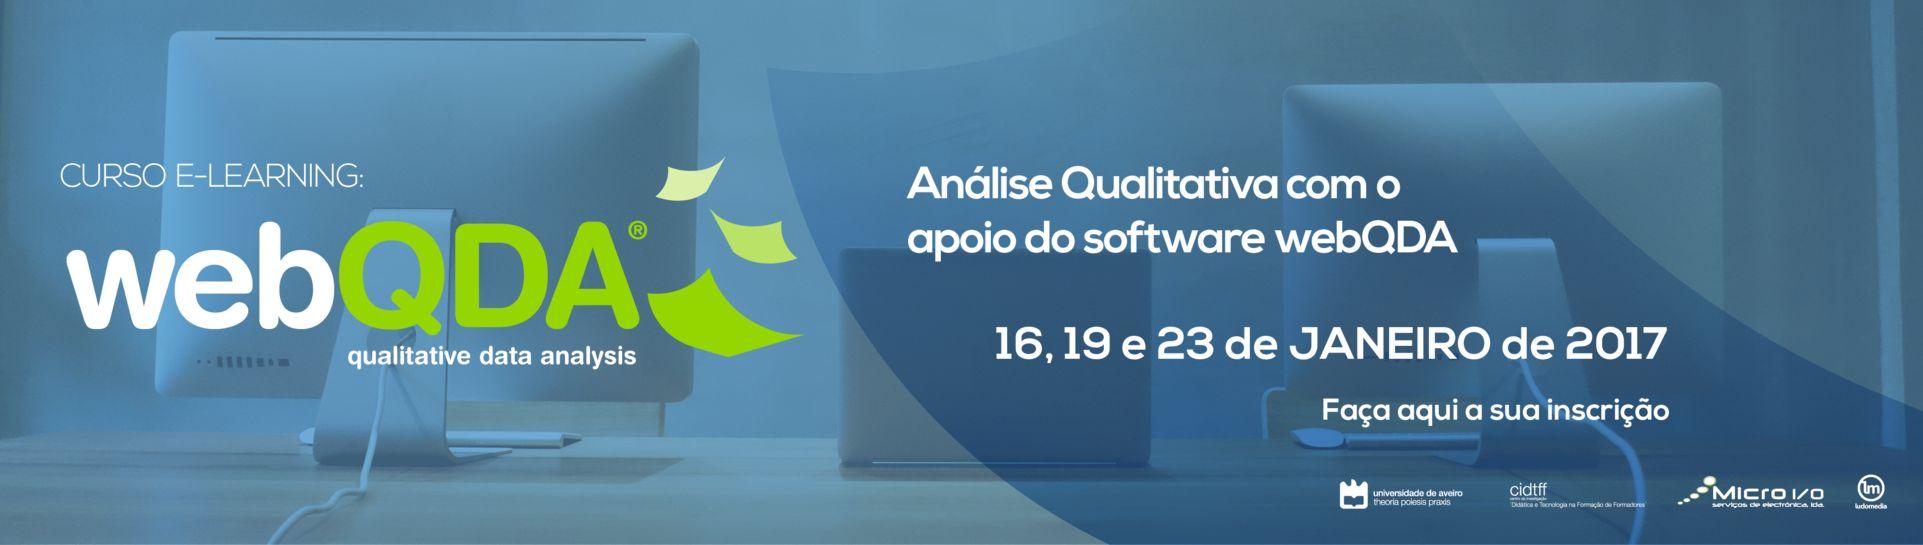 Banner Curso webQDA e-learning